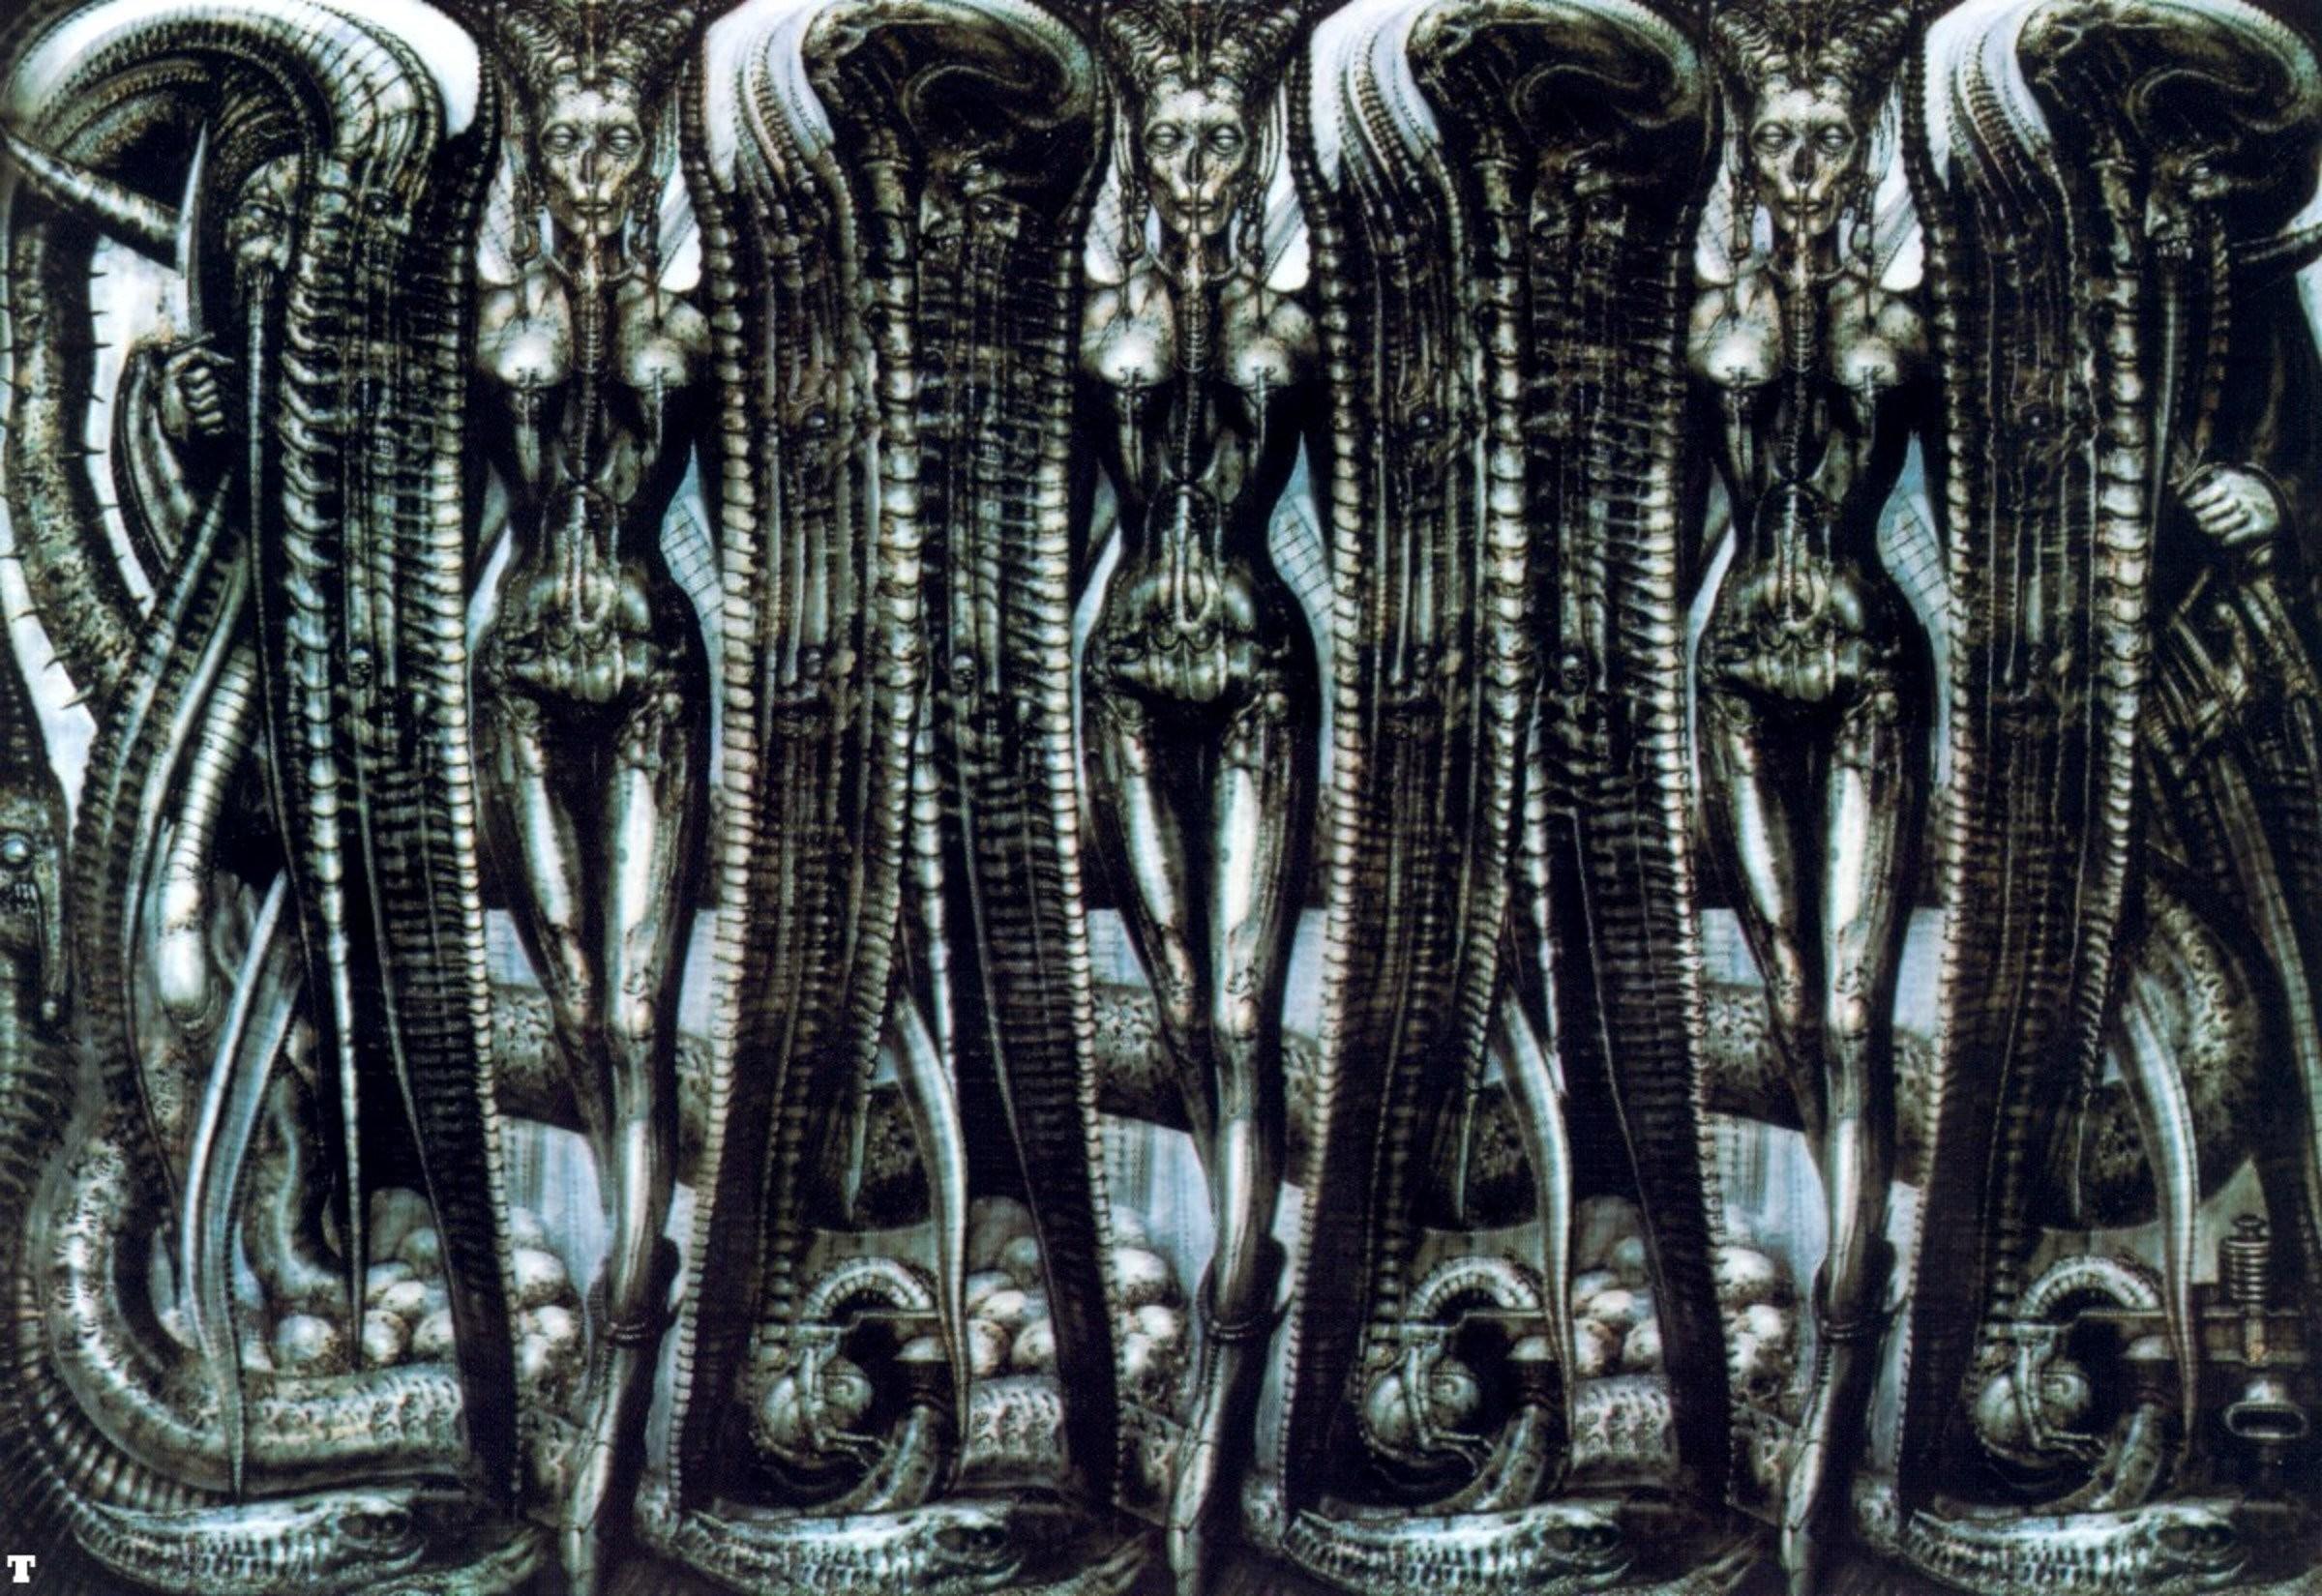 Hr Giger Wallpaper 1920x1080 67 Images